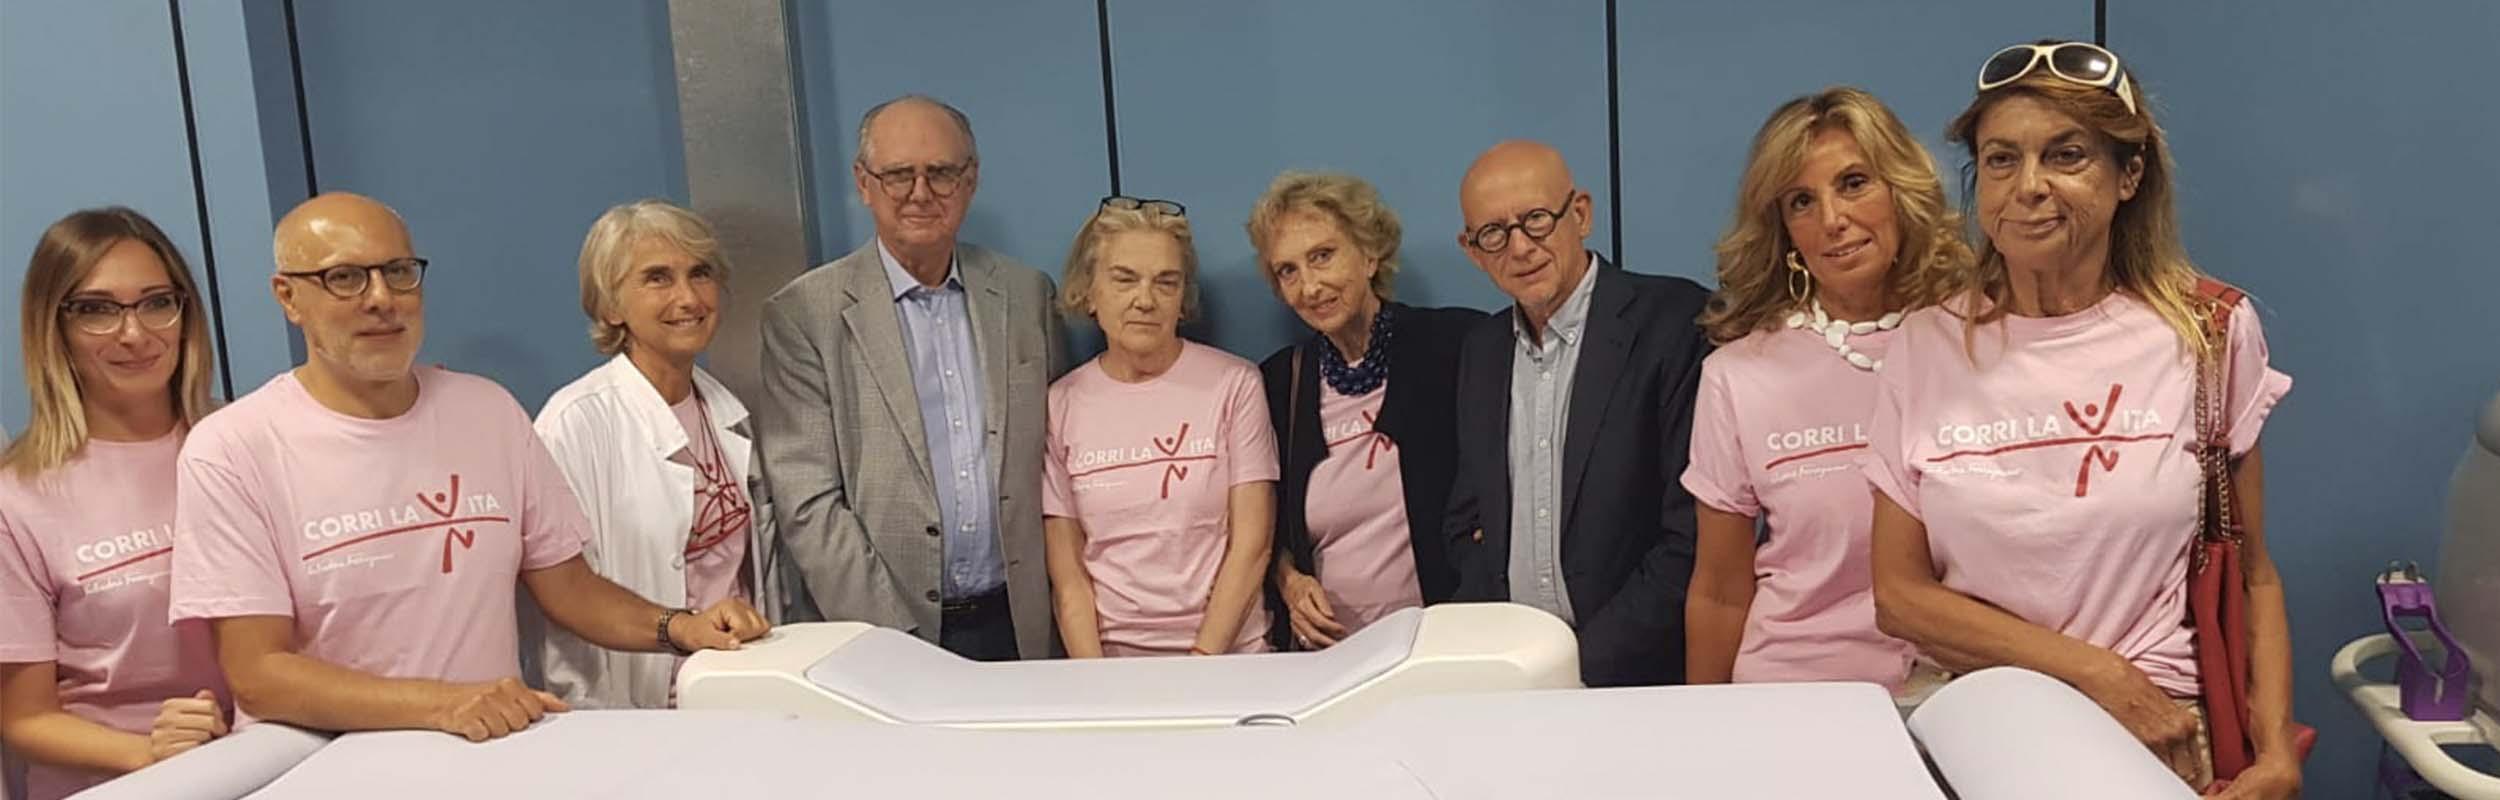 CORRI LA VITA  dona al Servizio di Screening Mammografico di ISPRO  una attrezzatura innovativa